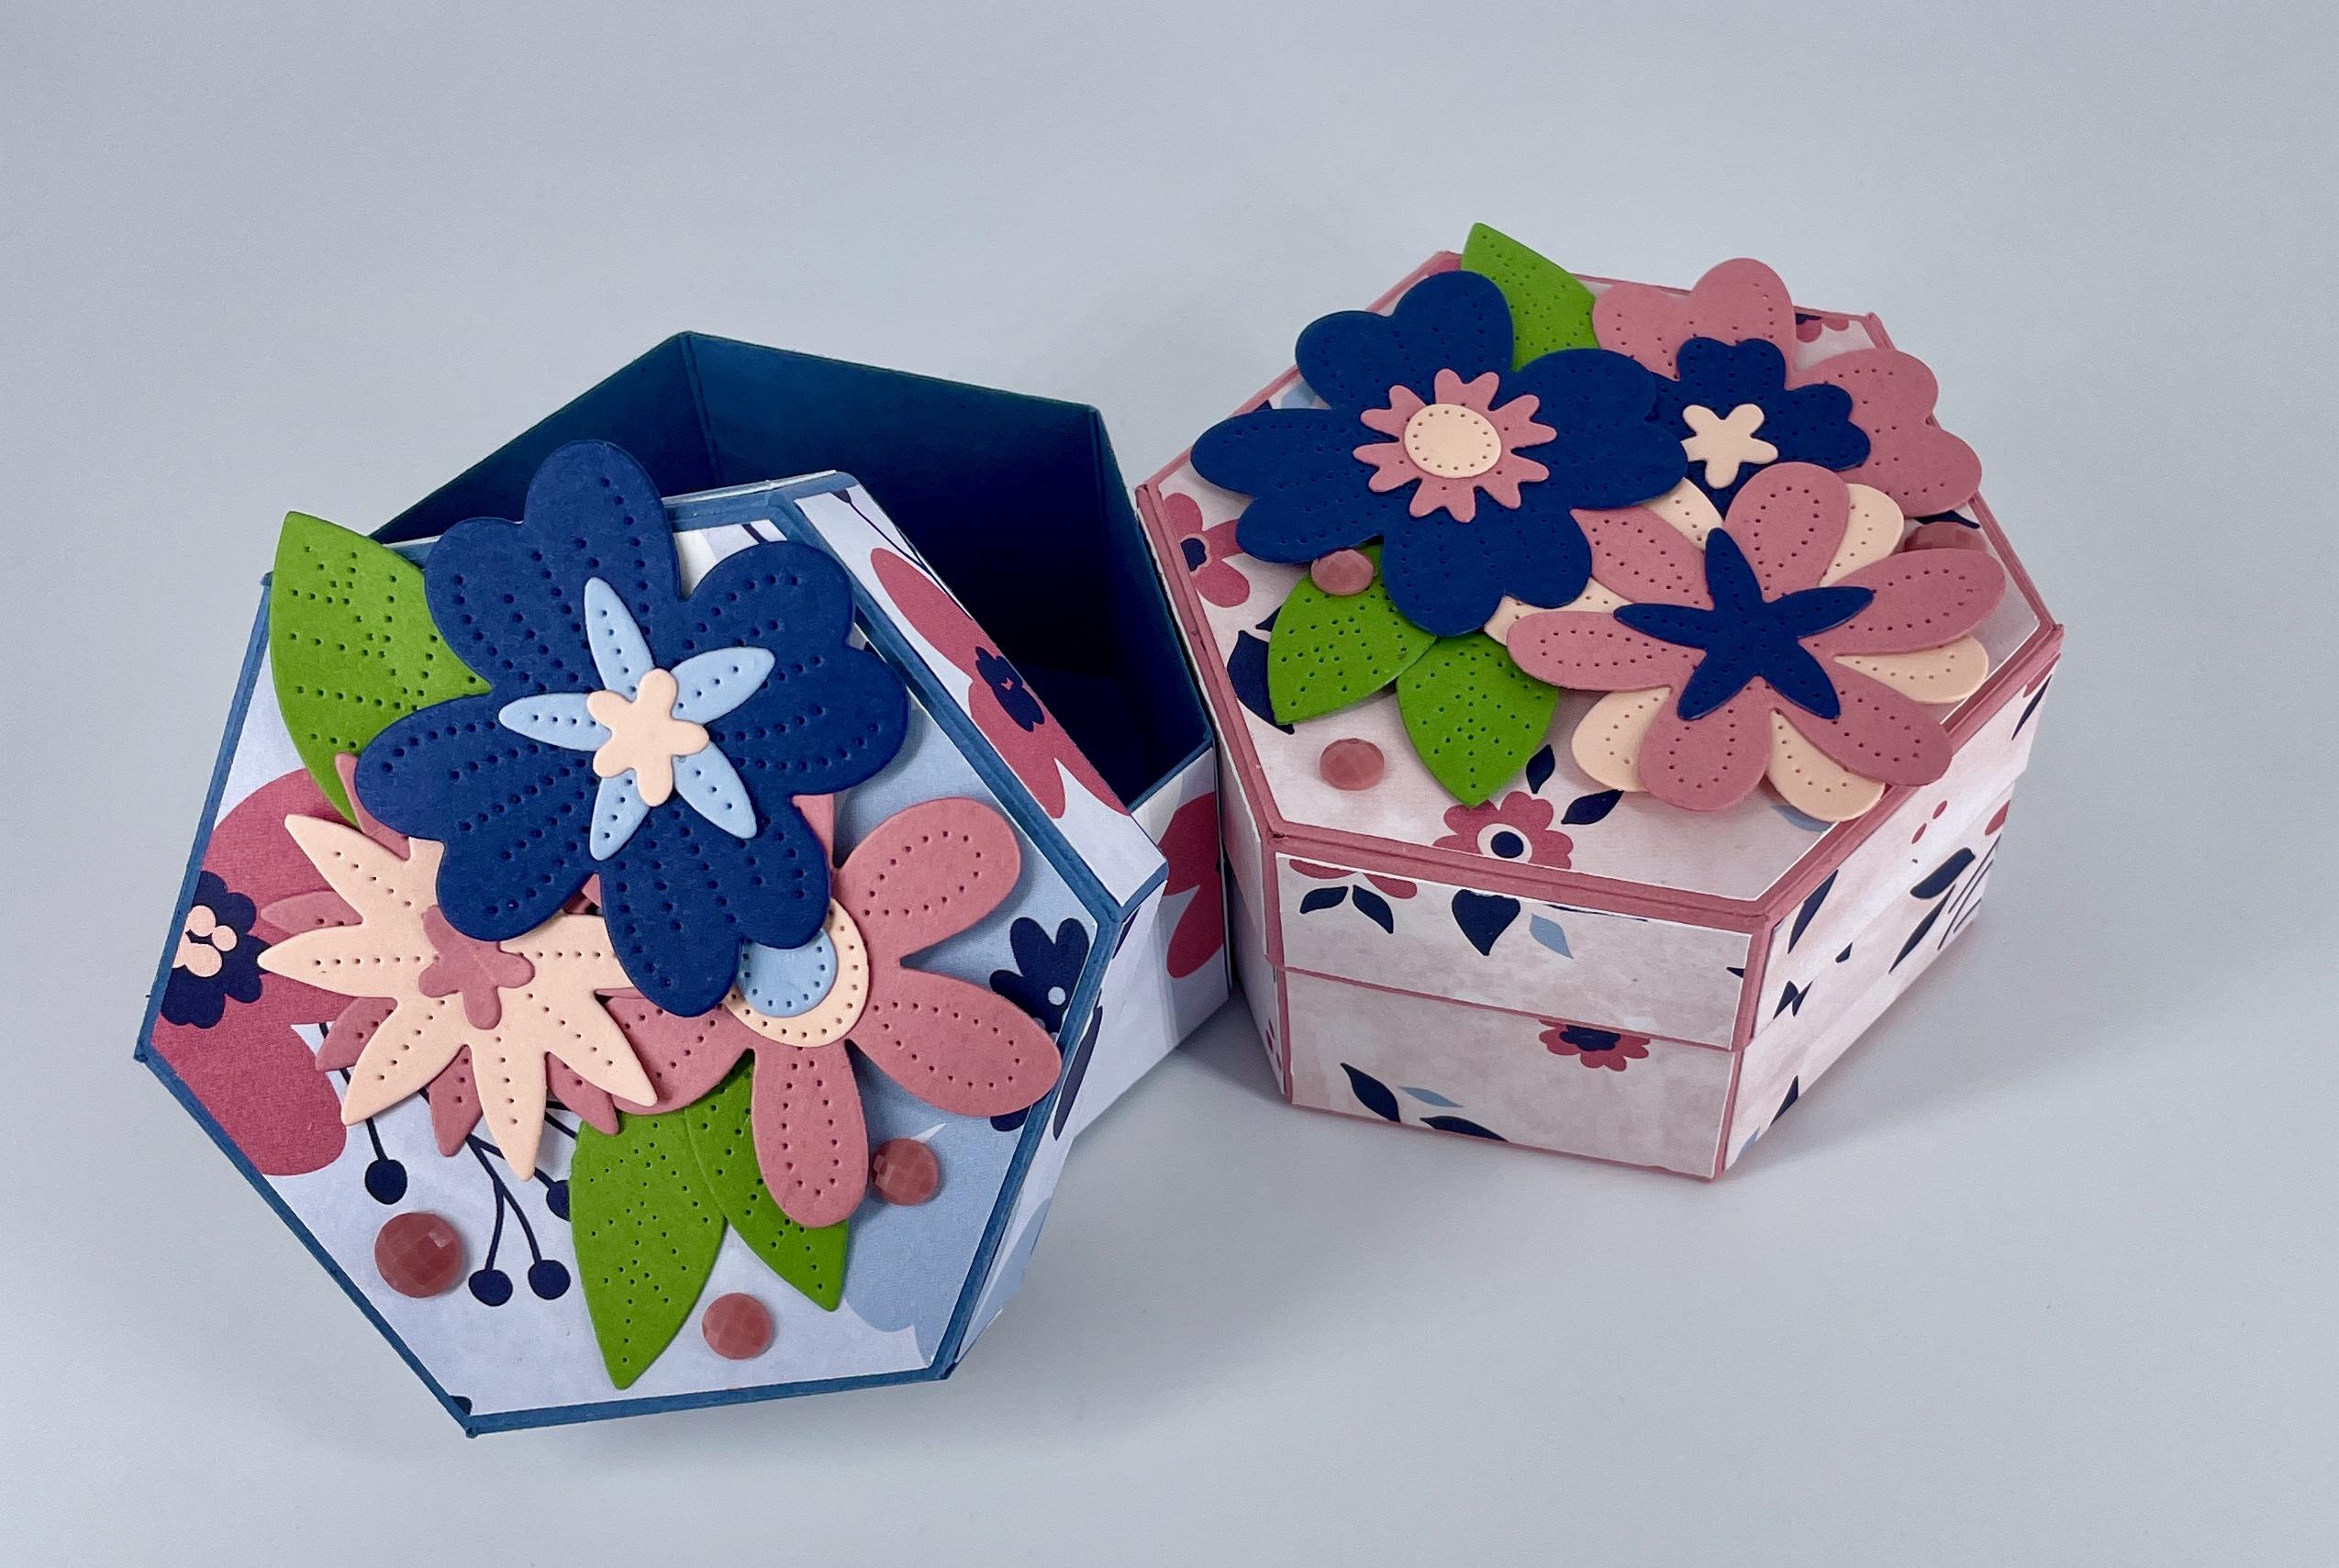 Hexagonbox